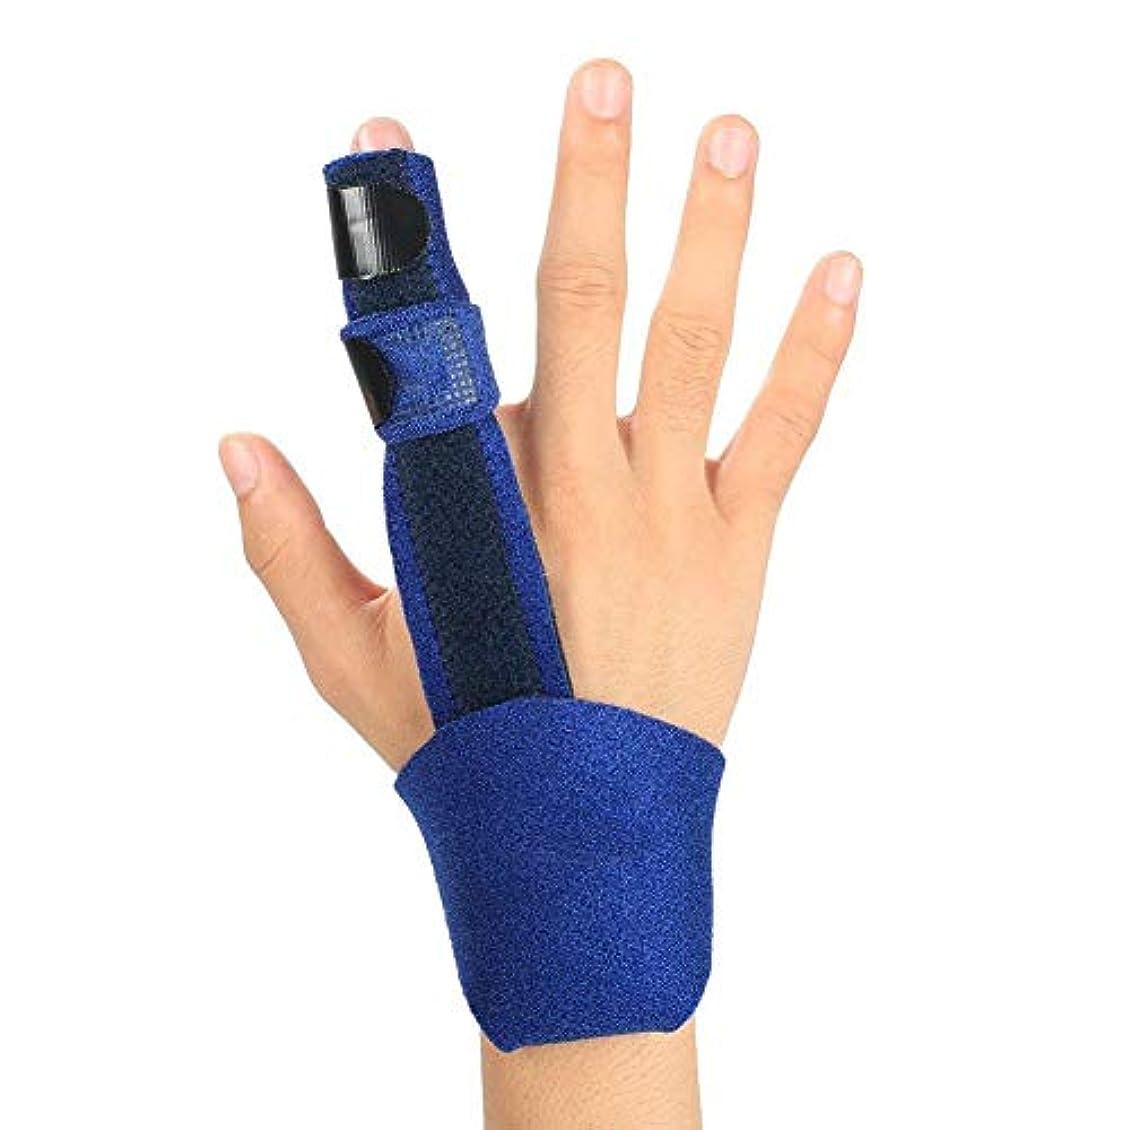 落ちたキャプチャー膜指プロテクターサポート指手袋マレットブレーストリガー指関節炎と靭帯の痛み指拡張副木